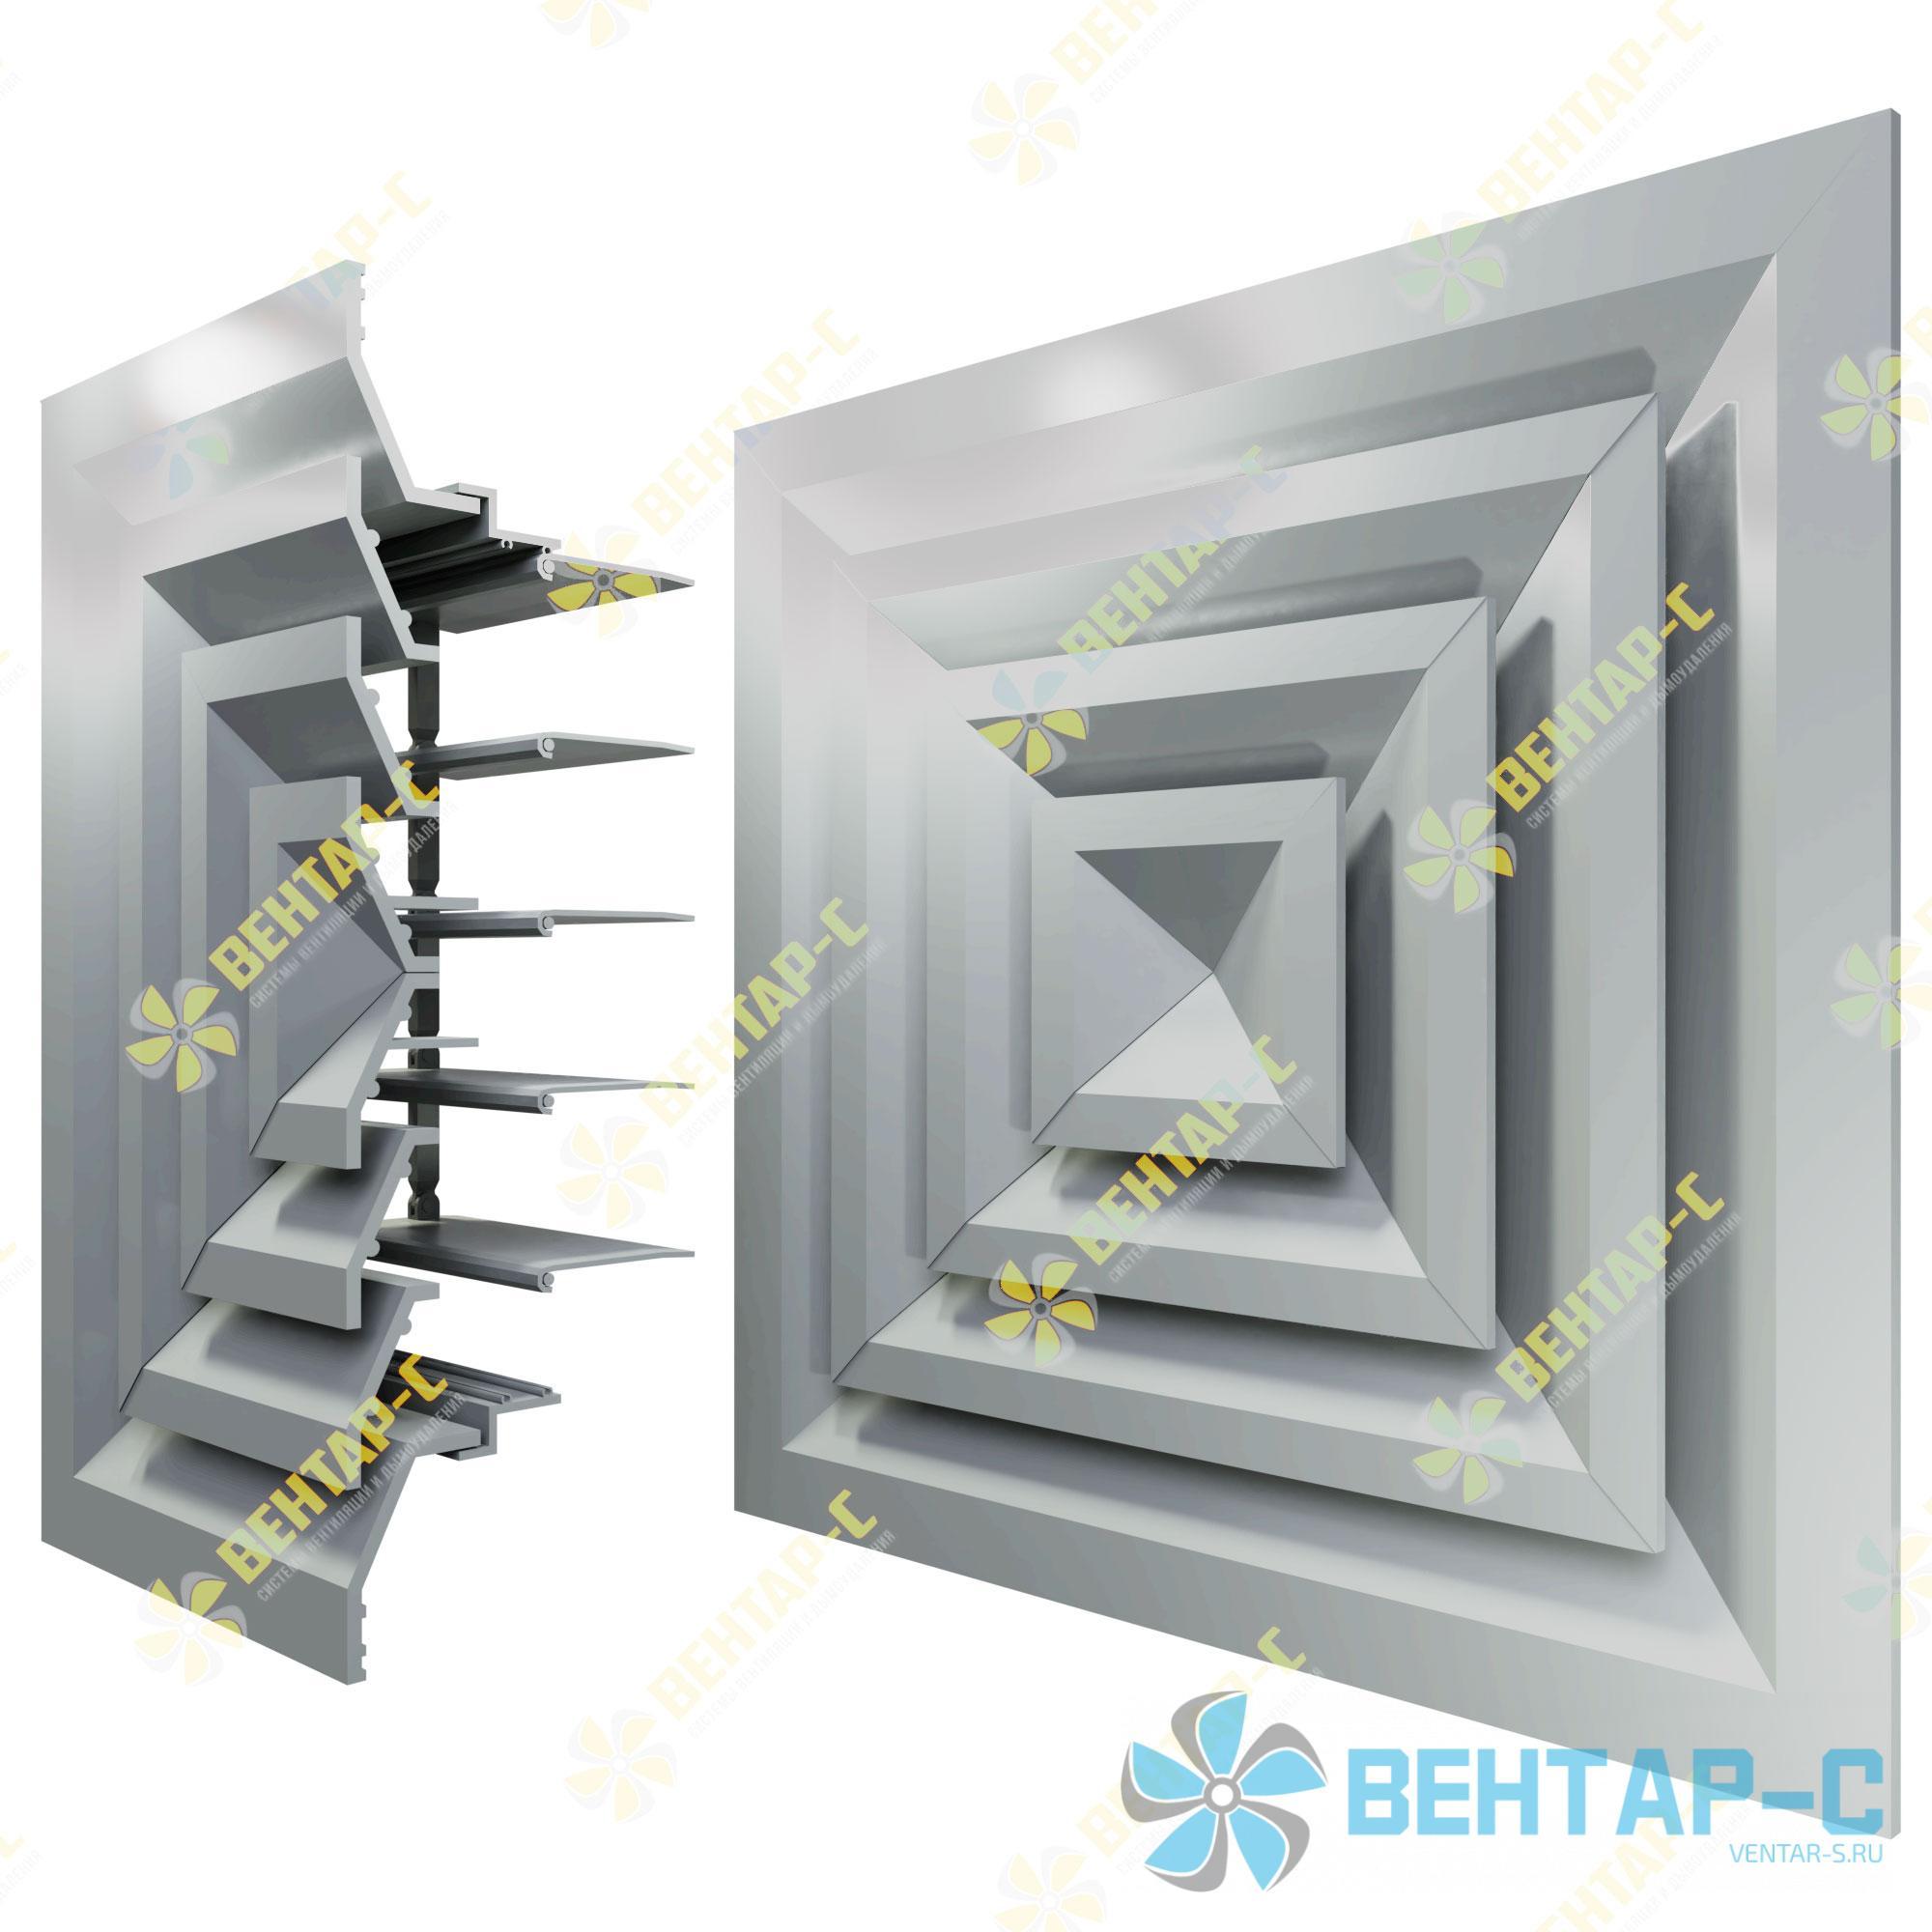 Потолочная вентиляционная решетка 4РПБ с блоком регулировки воздуха